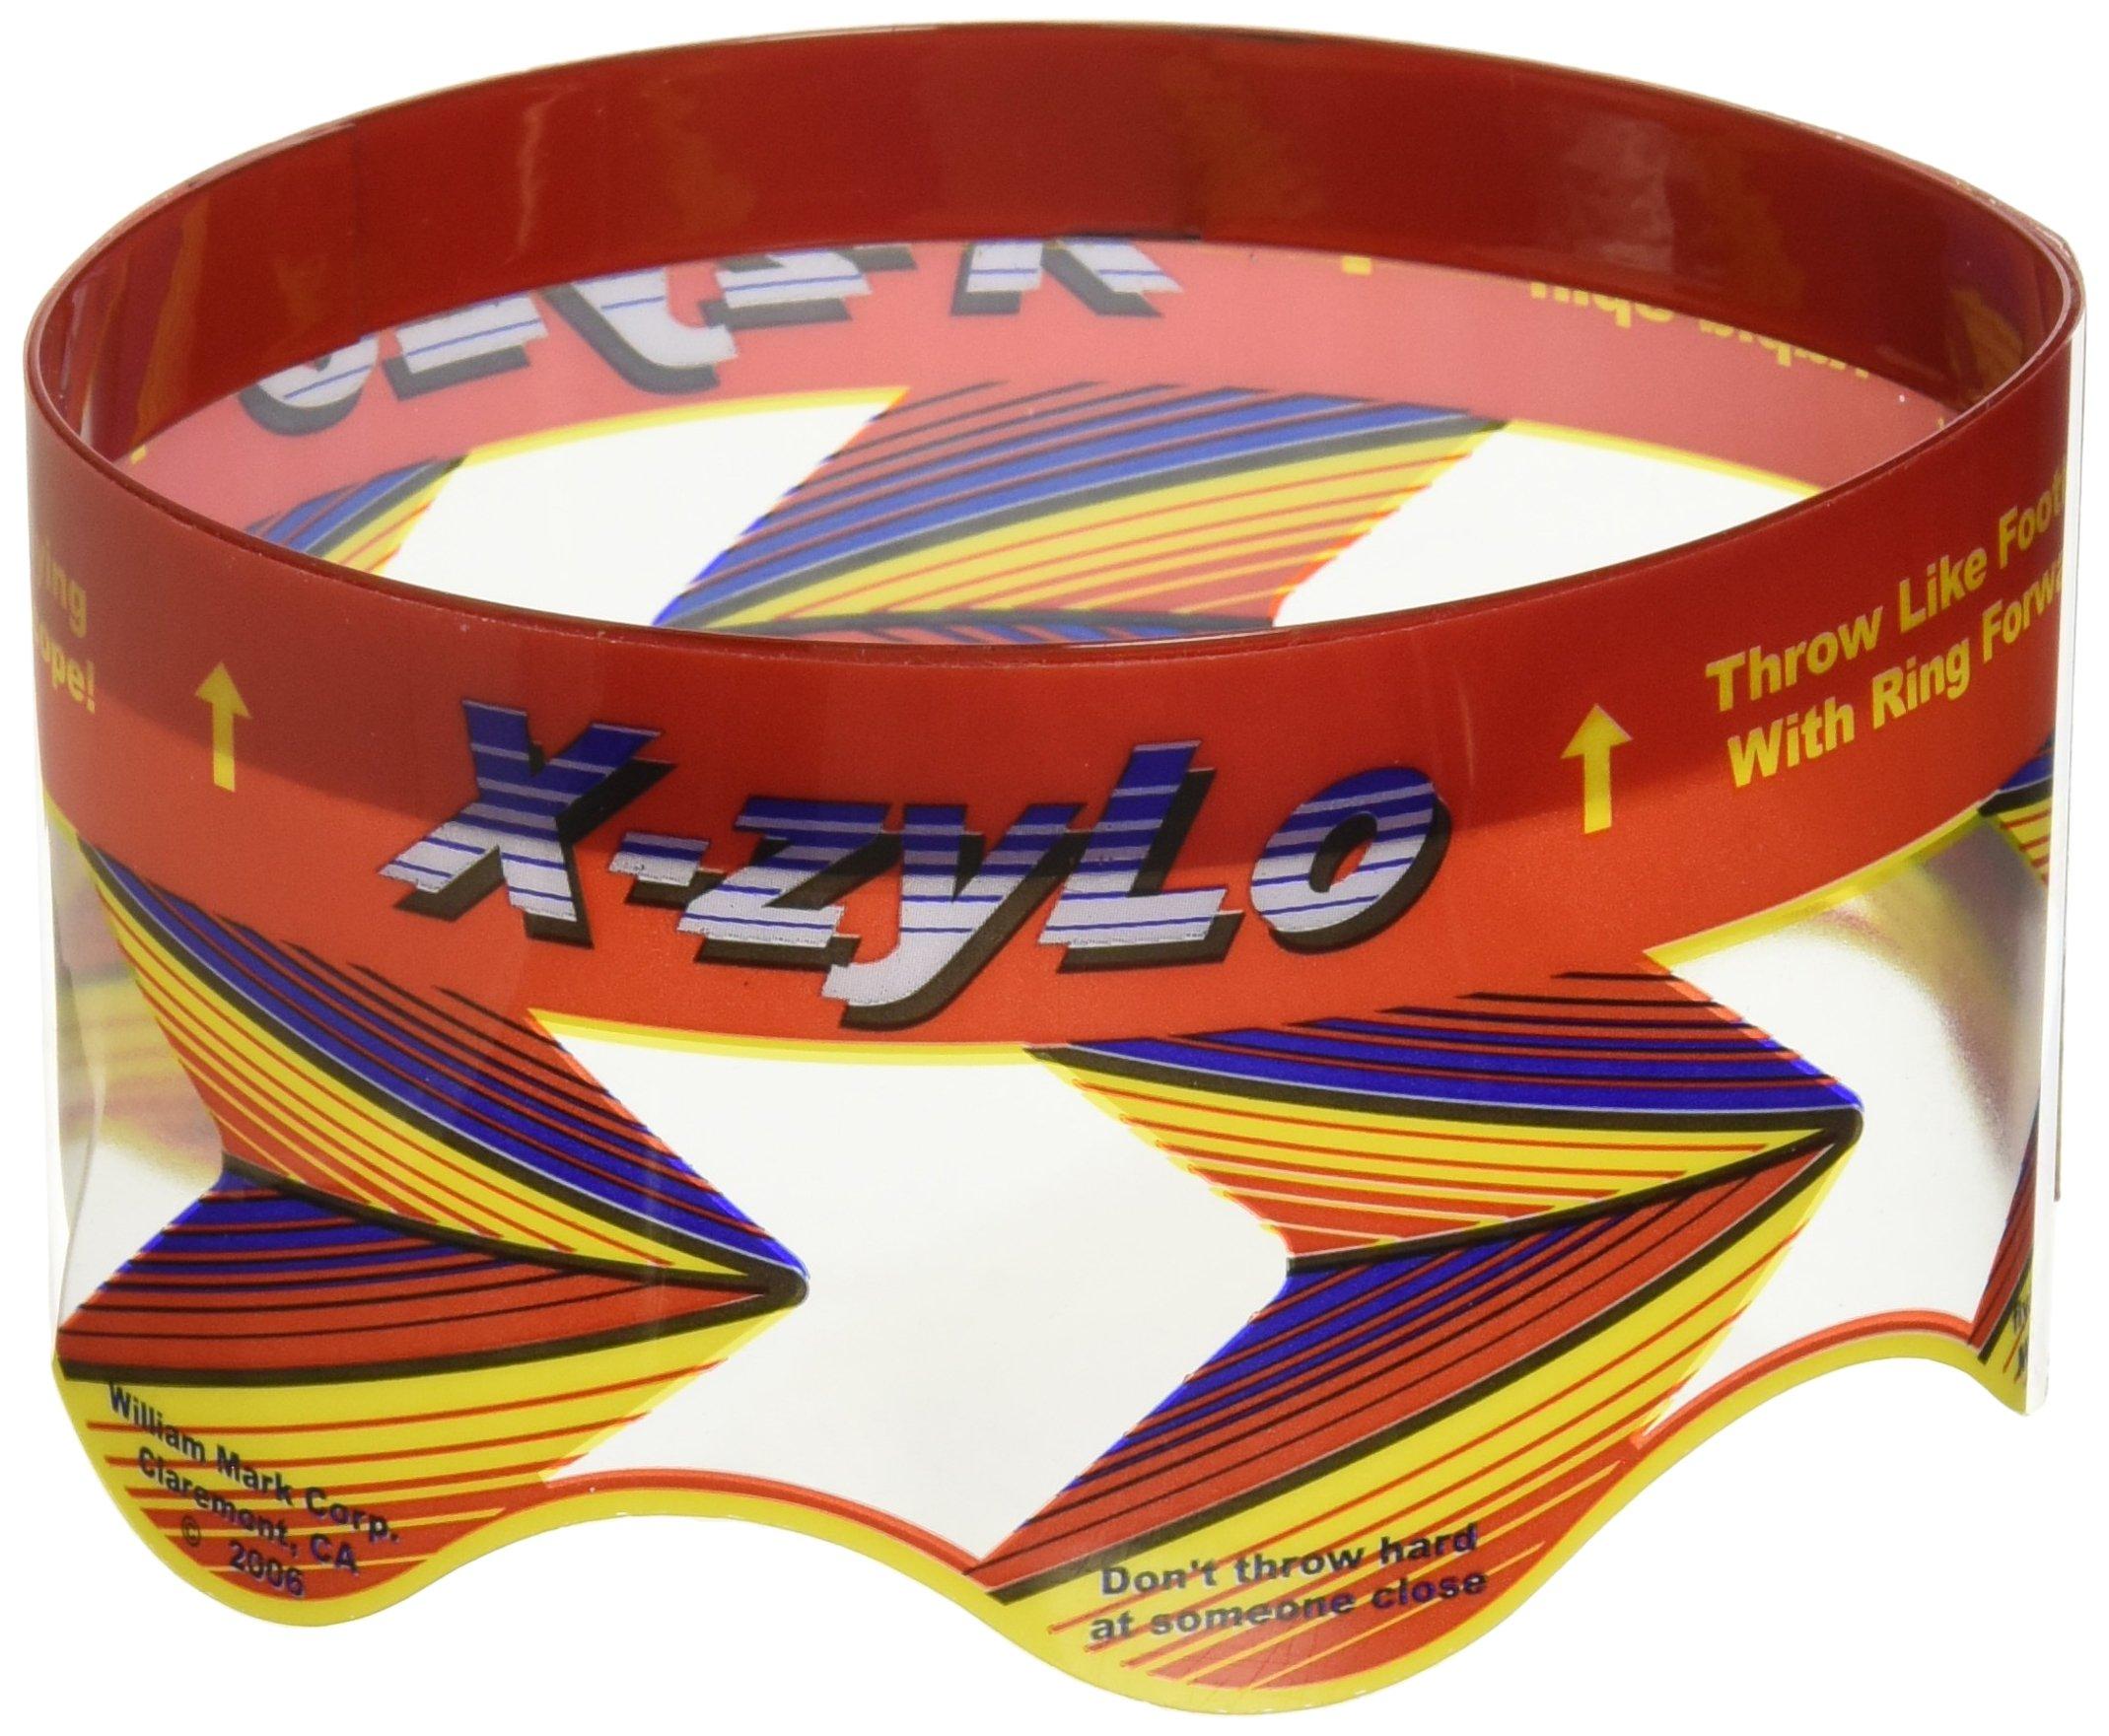 X-zylo Ultra Flying Gyroscope by X Zylo